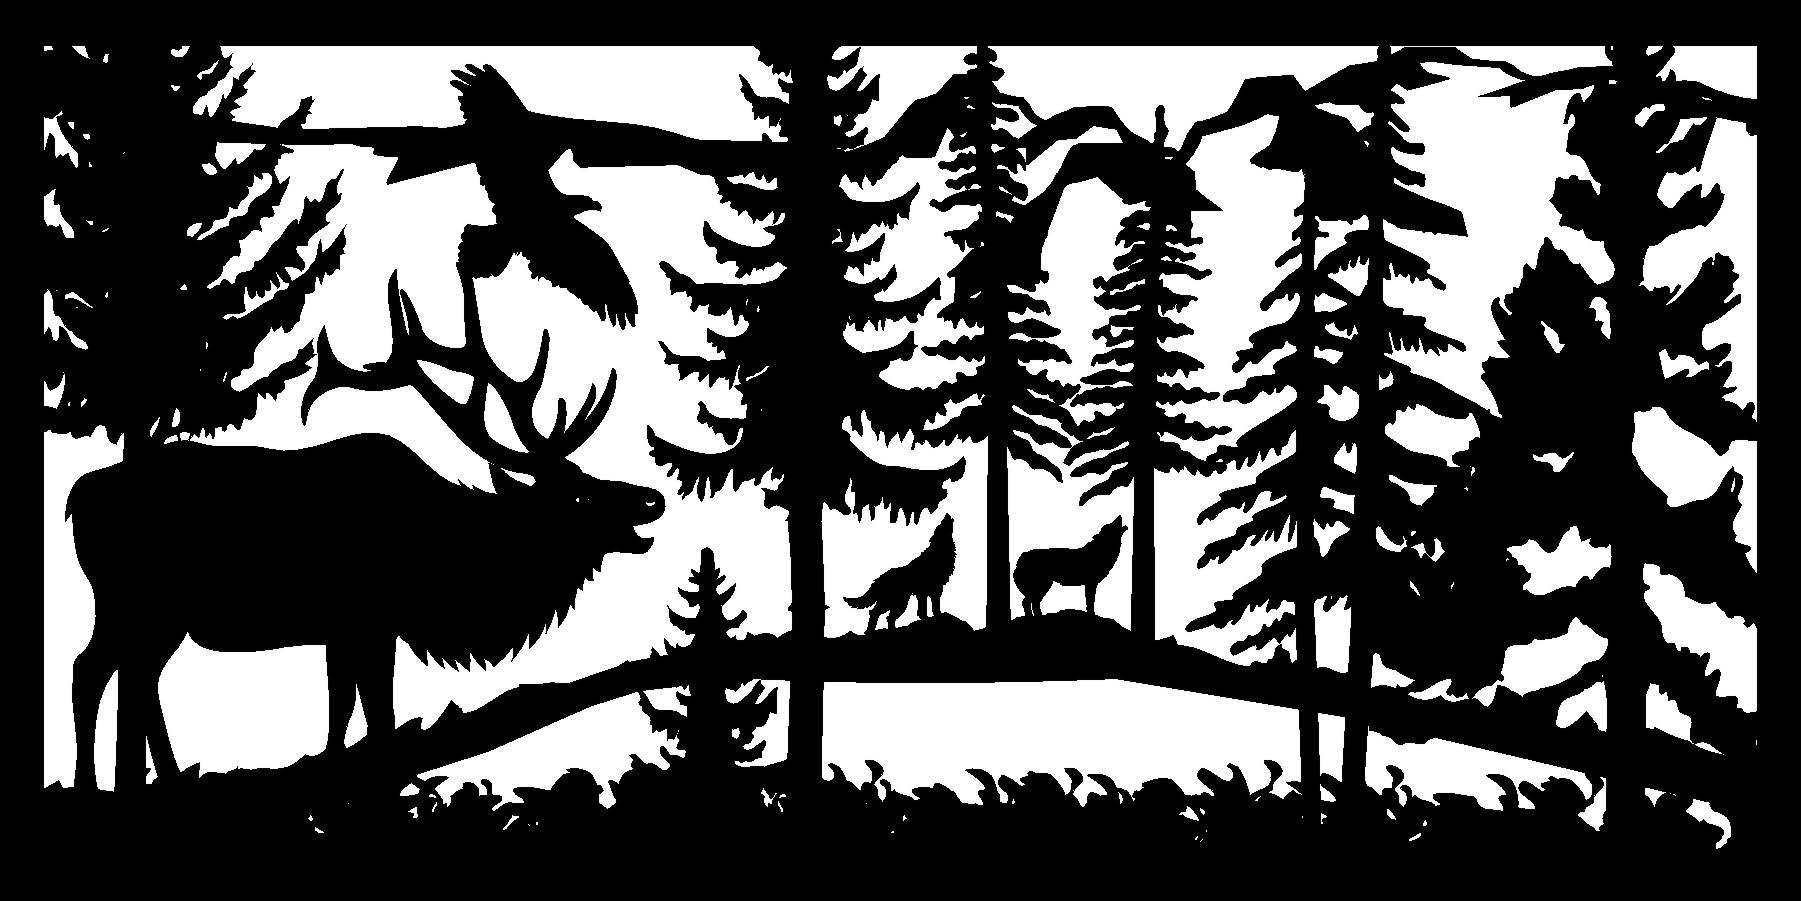 30 X 60 Elk Eagle Wolves Plasma Metal Art DXF File